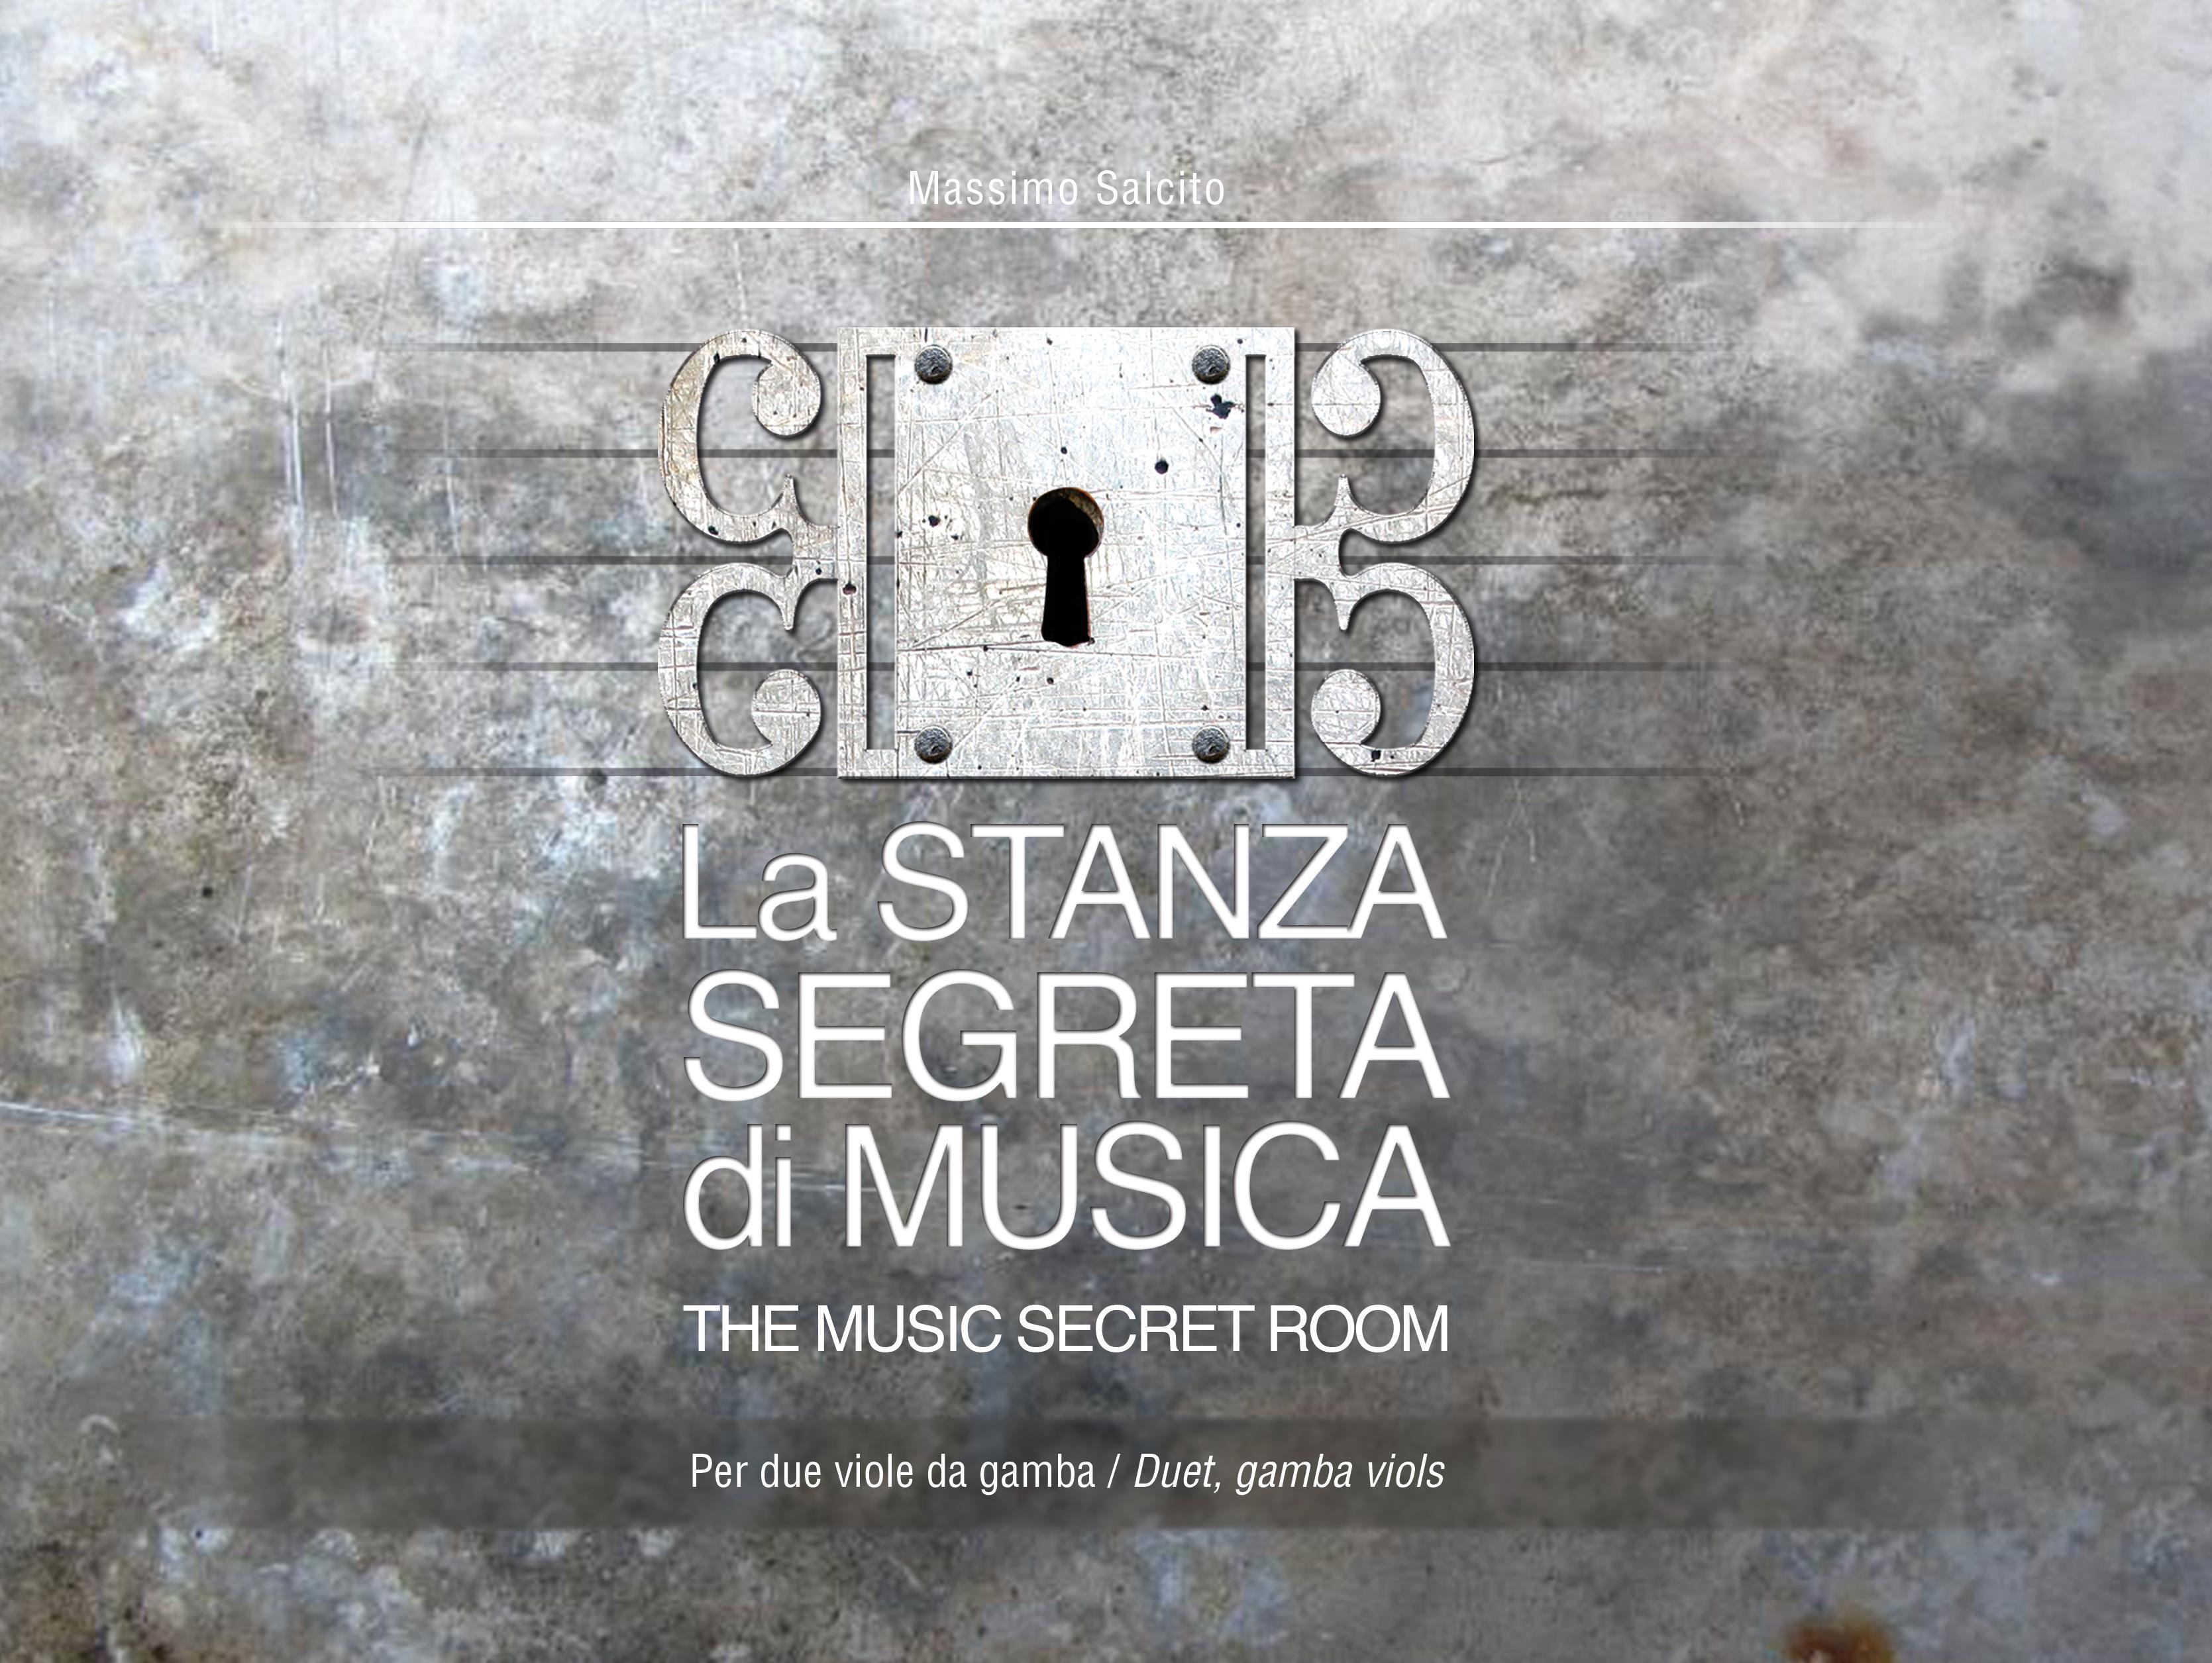 La stanza segreta di Musica